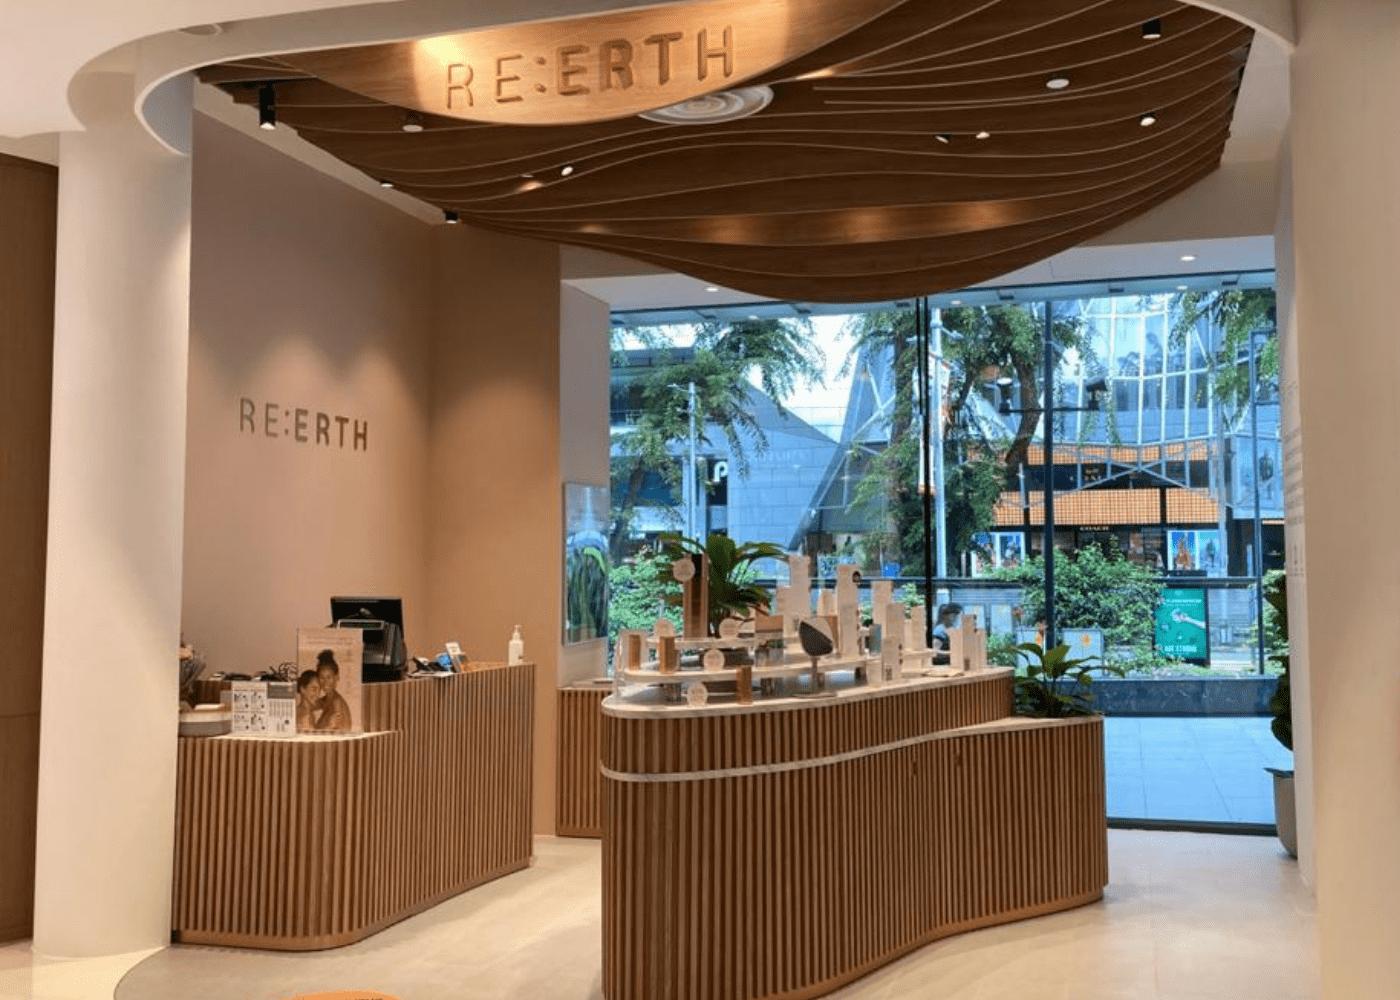 Re-erth-flagship-boutique